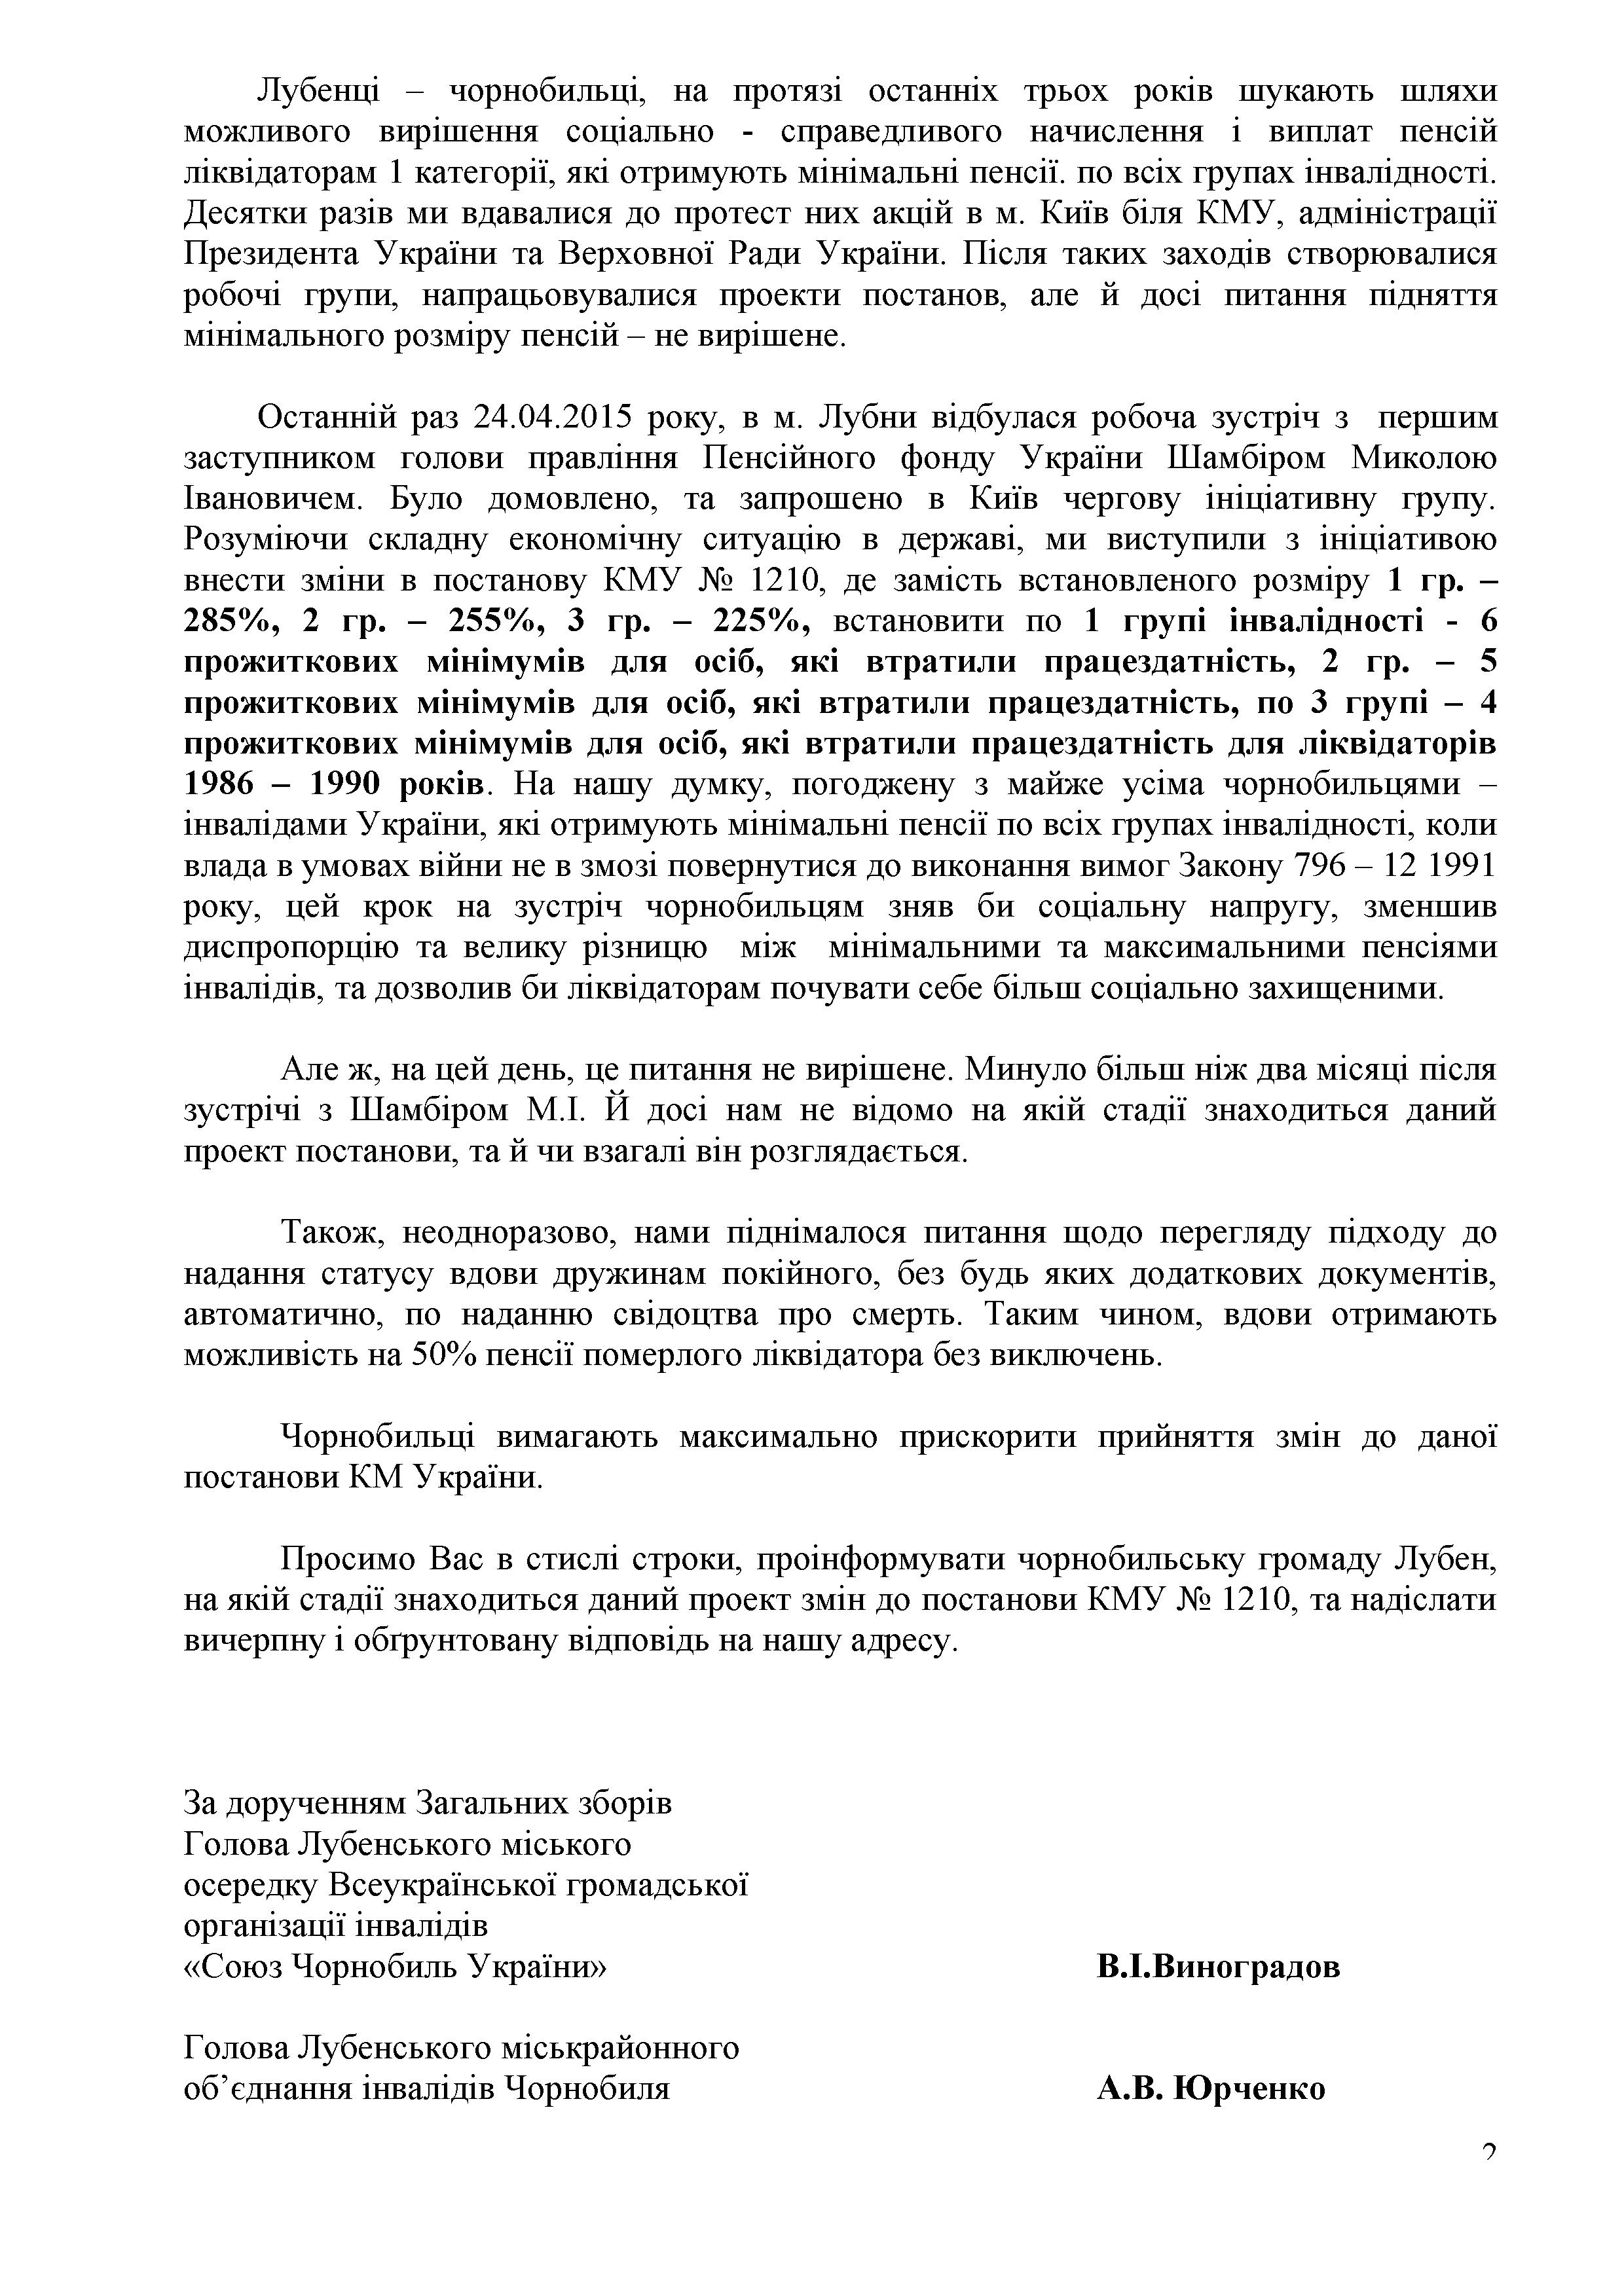 Пенсійному фонду України 26.06.152.jpg